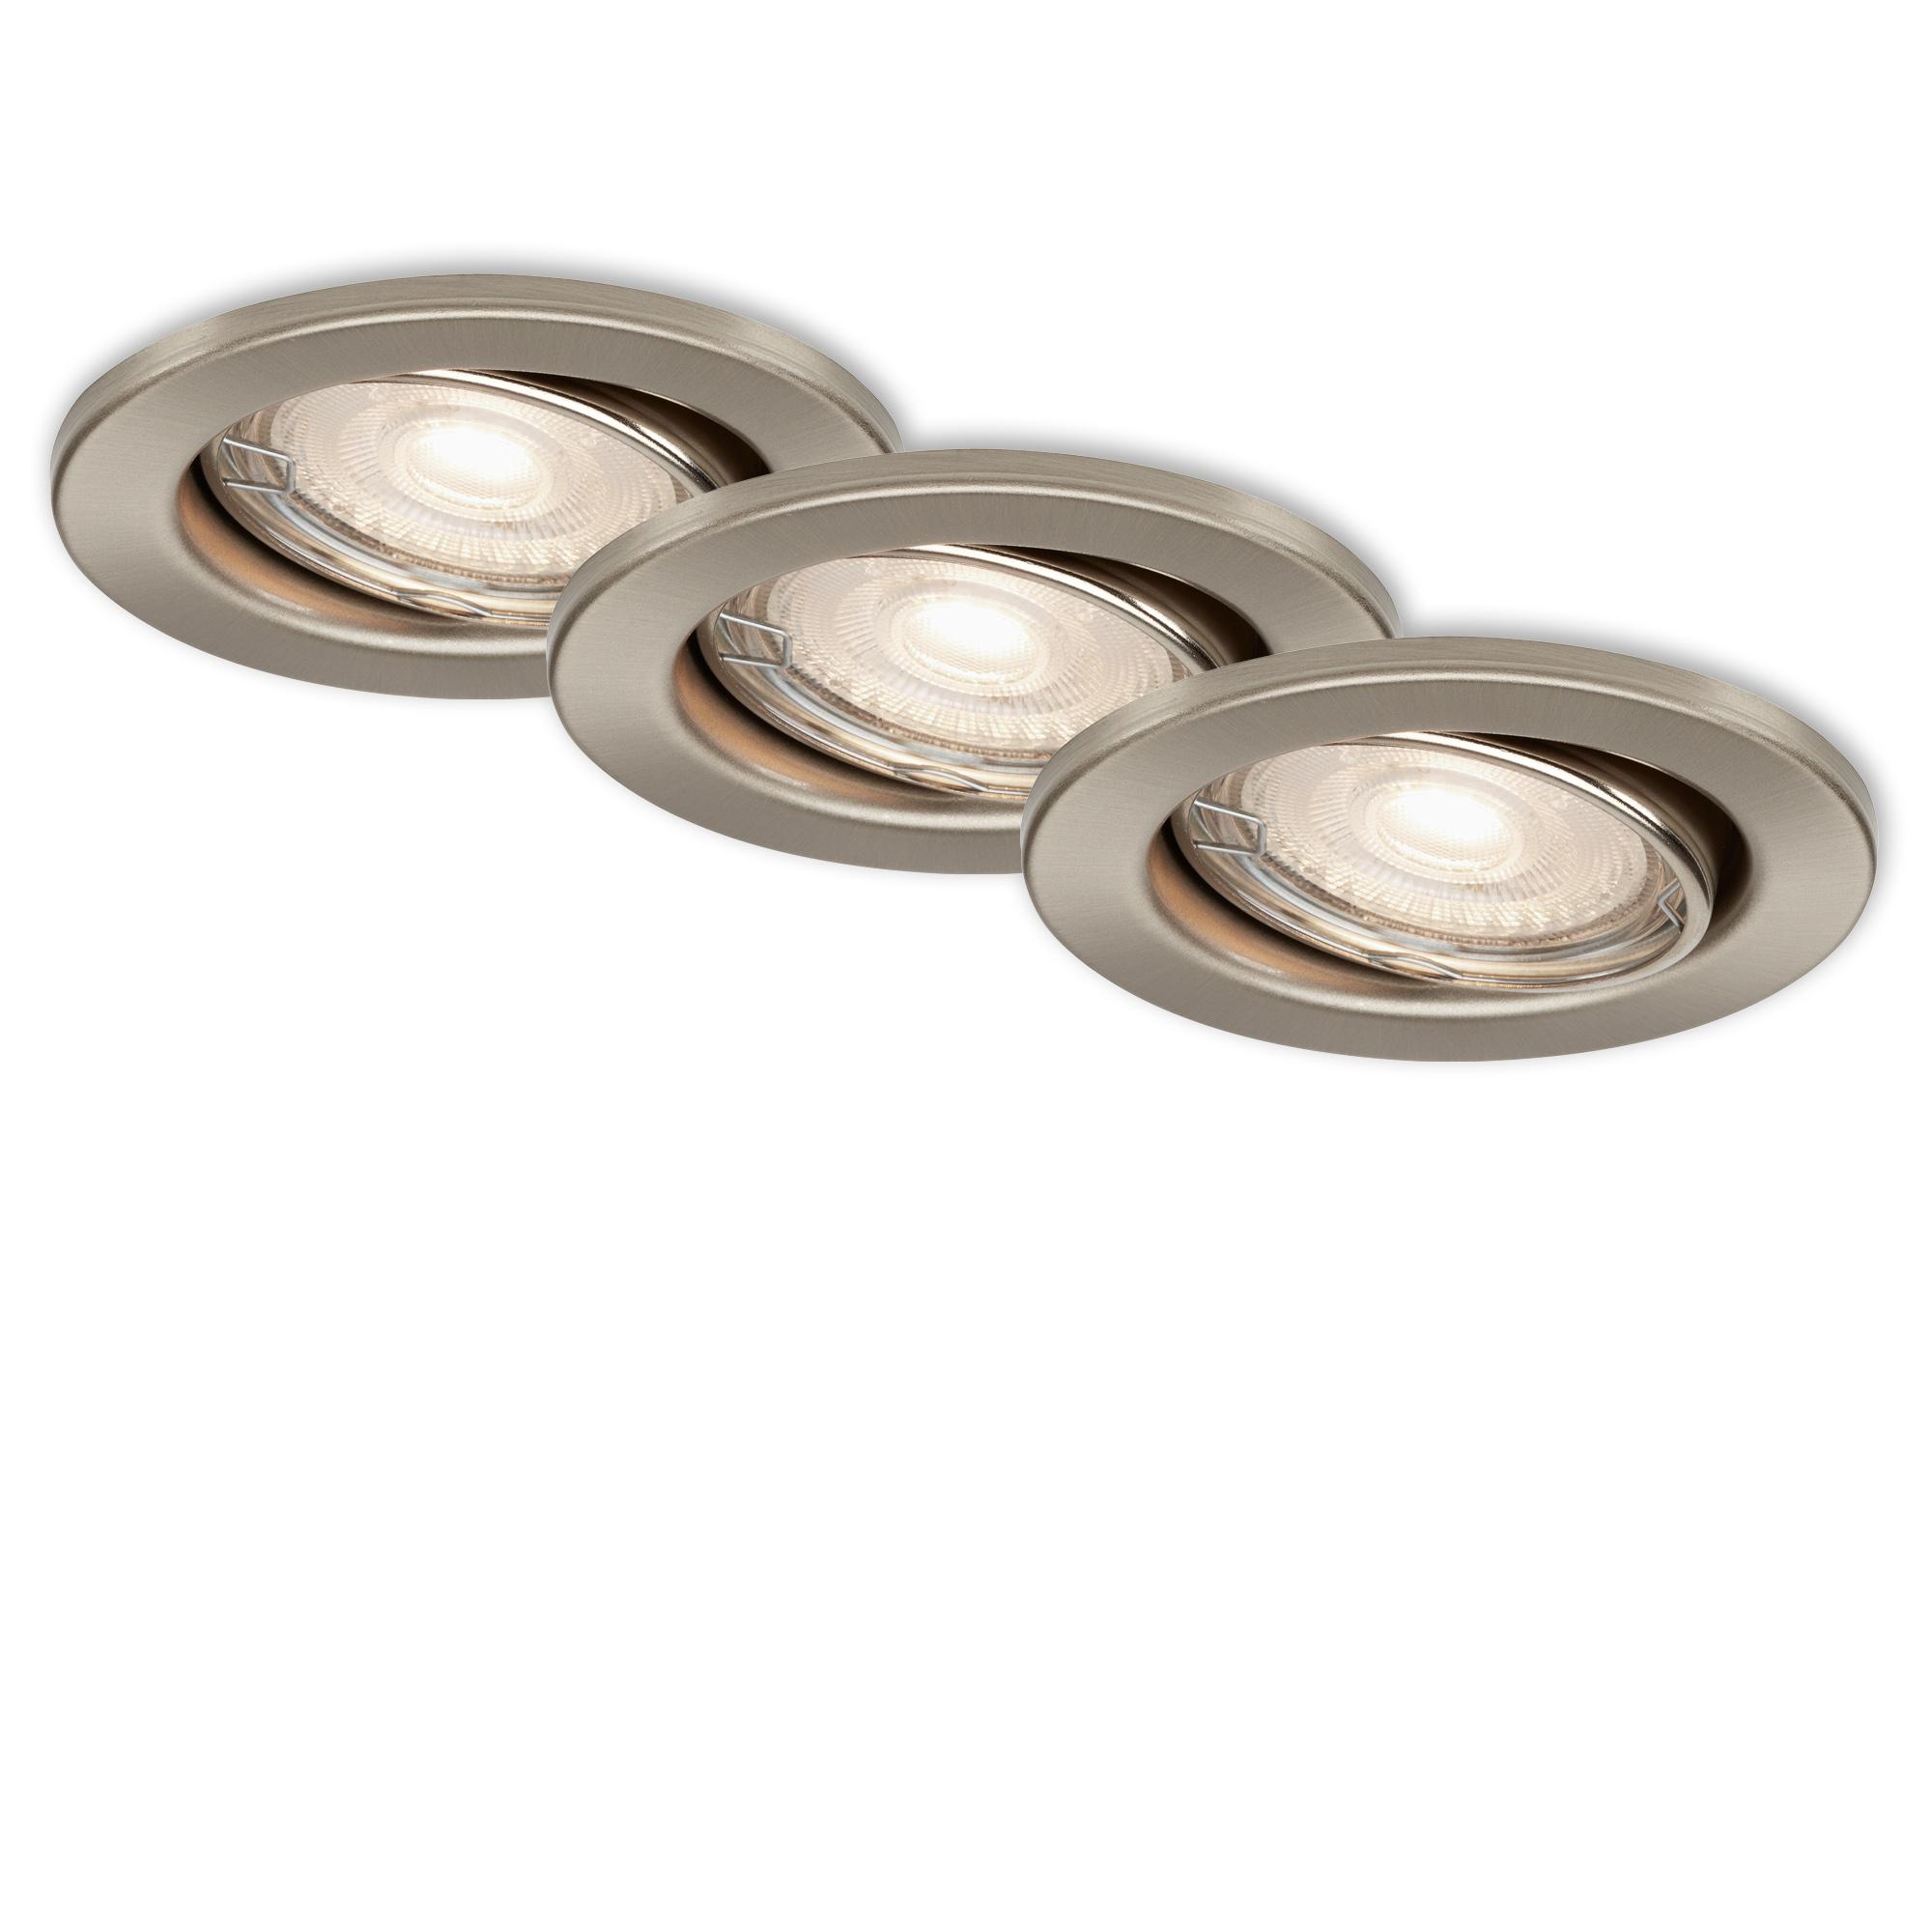 3er Set LED Einbauleuchte, Ø 8,6 cm, 3,5 W, Matt-Nickel